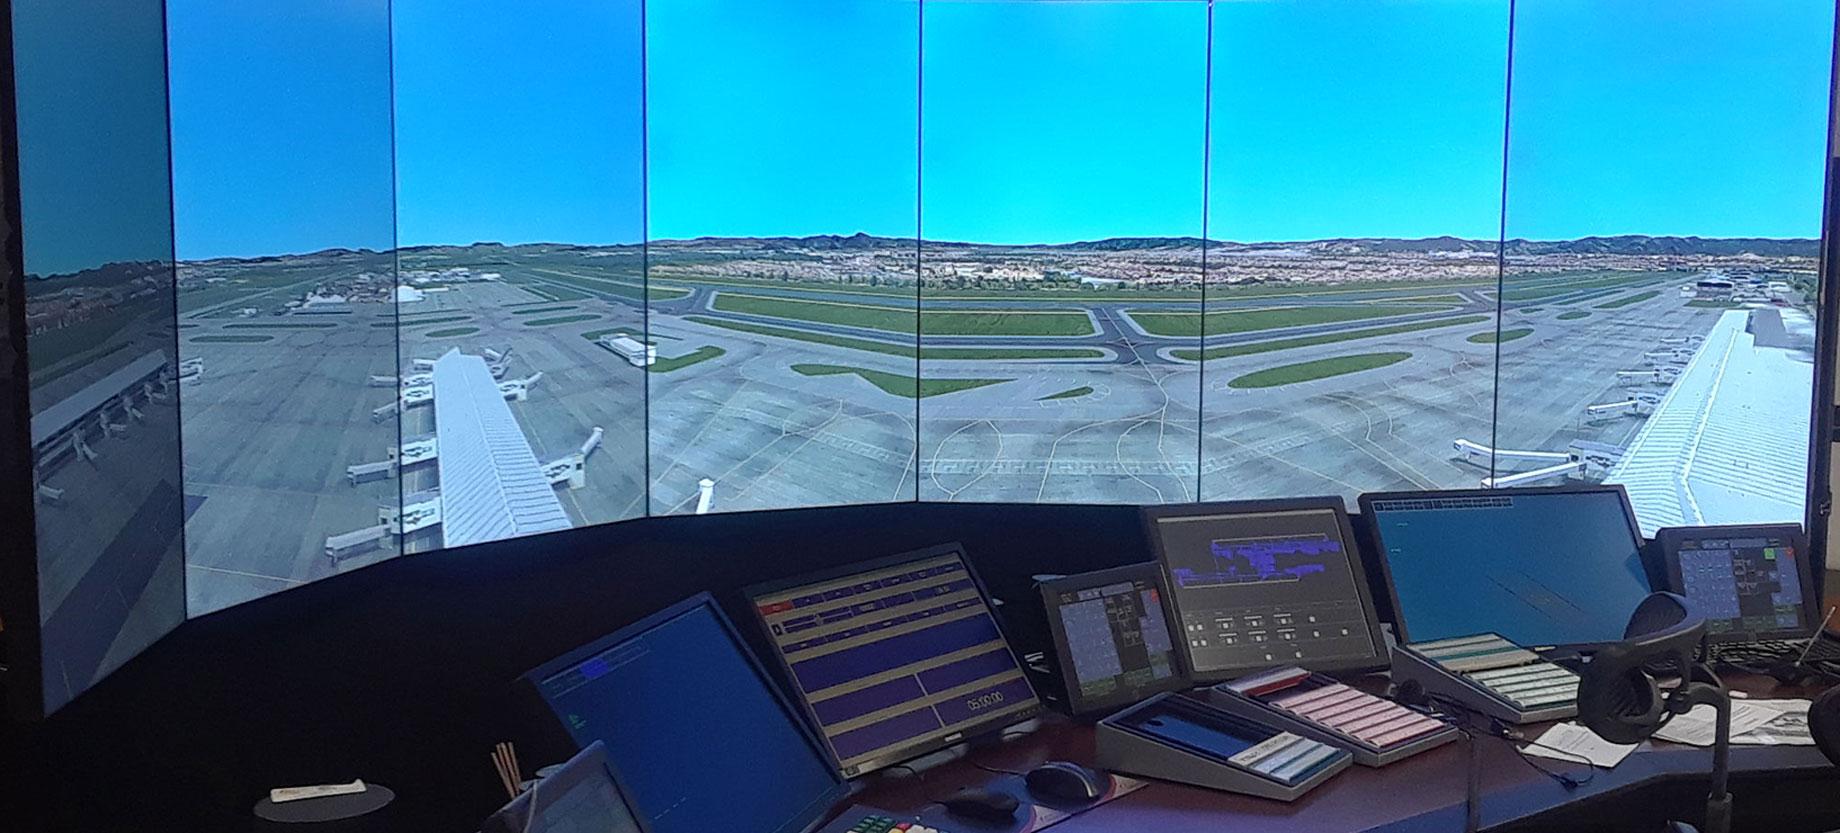 Colombian Air Force - MaxSim ATC Simulator